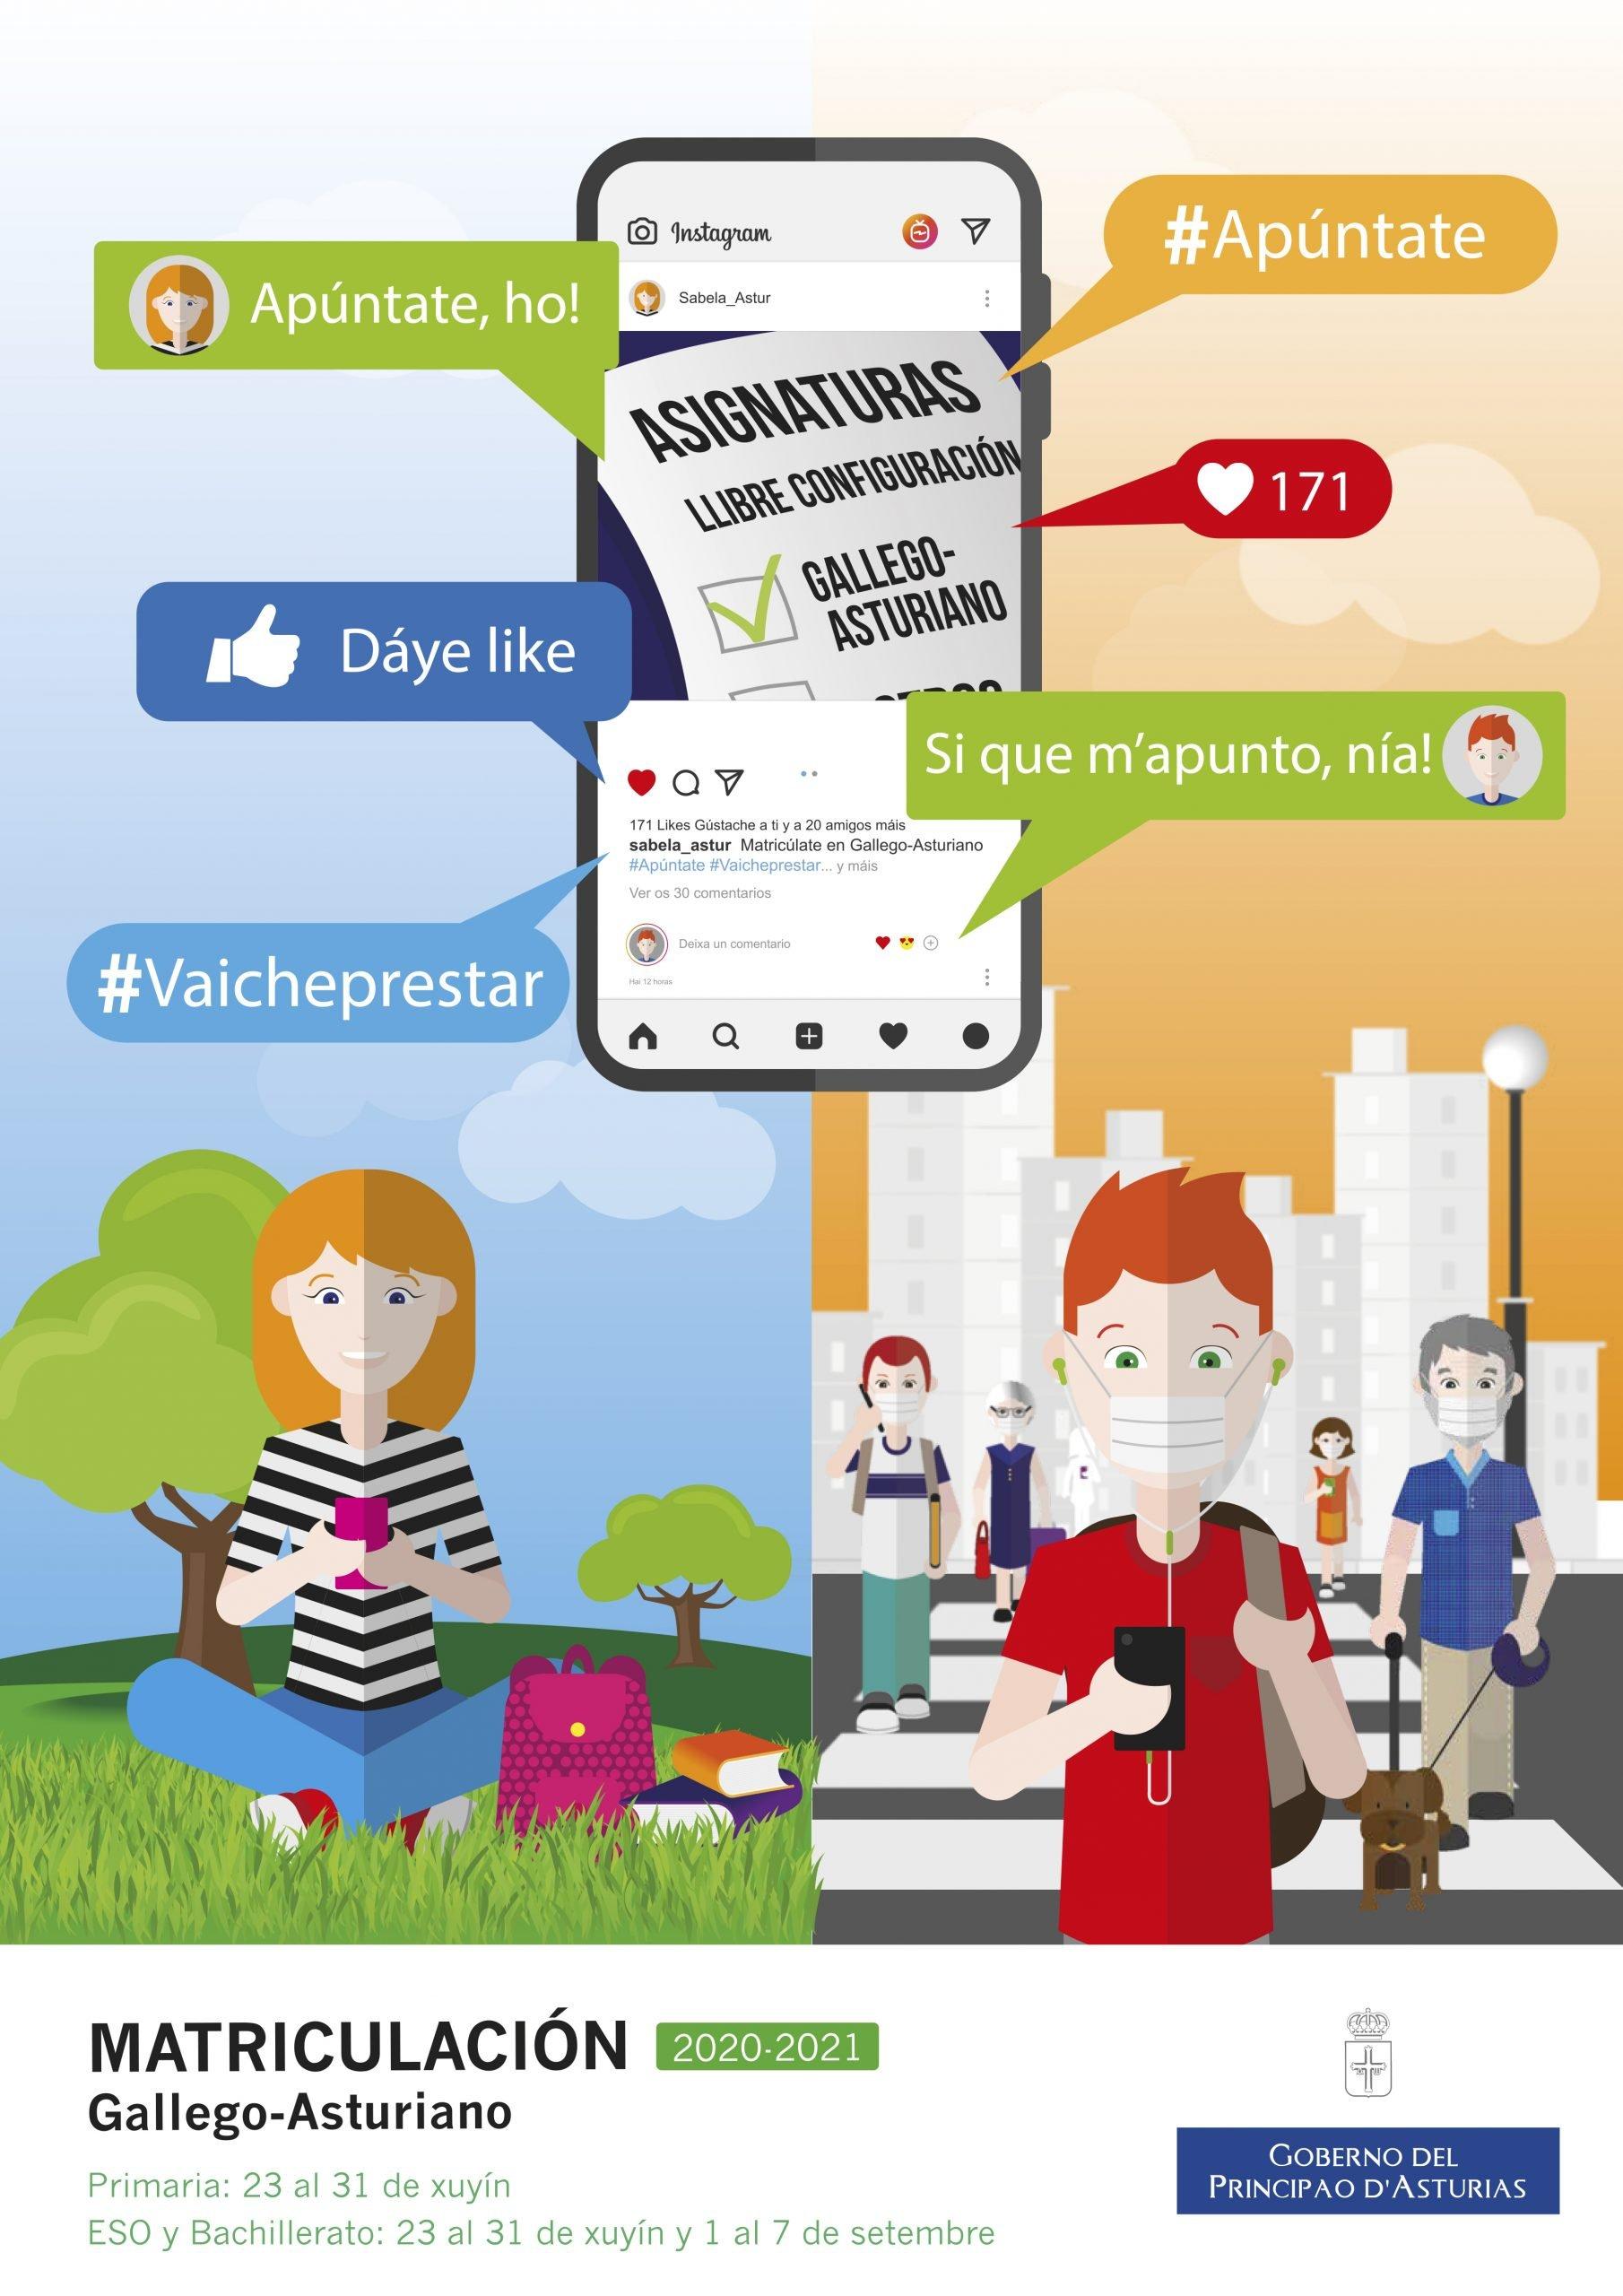 Campaña #Apúntate pá animar á matrícula en Lengua Asturiana y Gallego-Asturiano